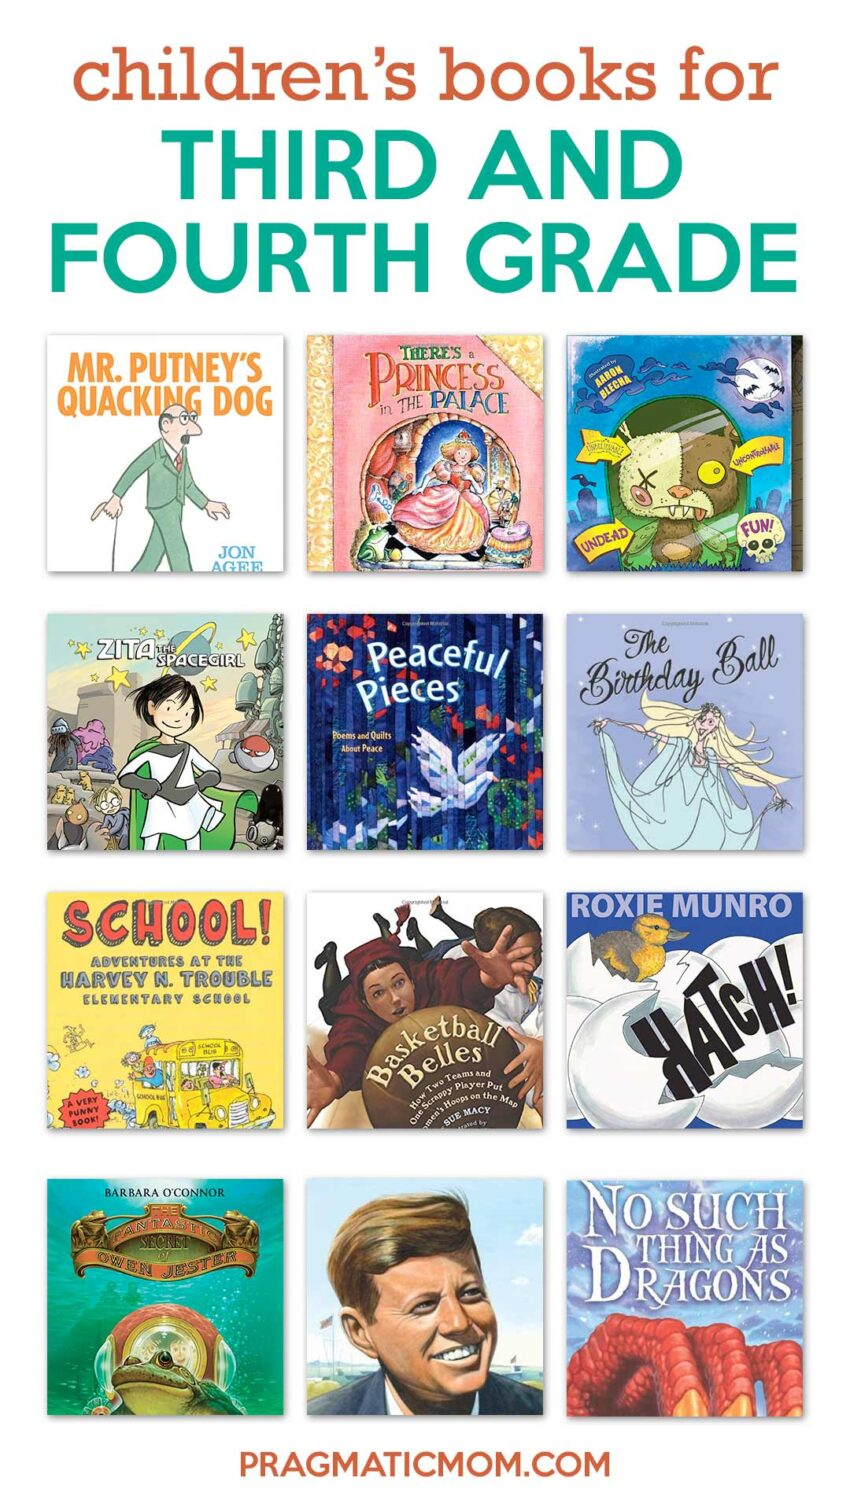 Books for 3rd Grade & 4th Grade